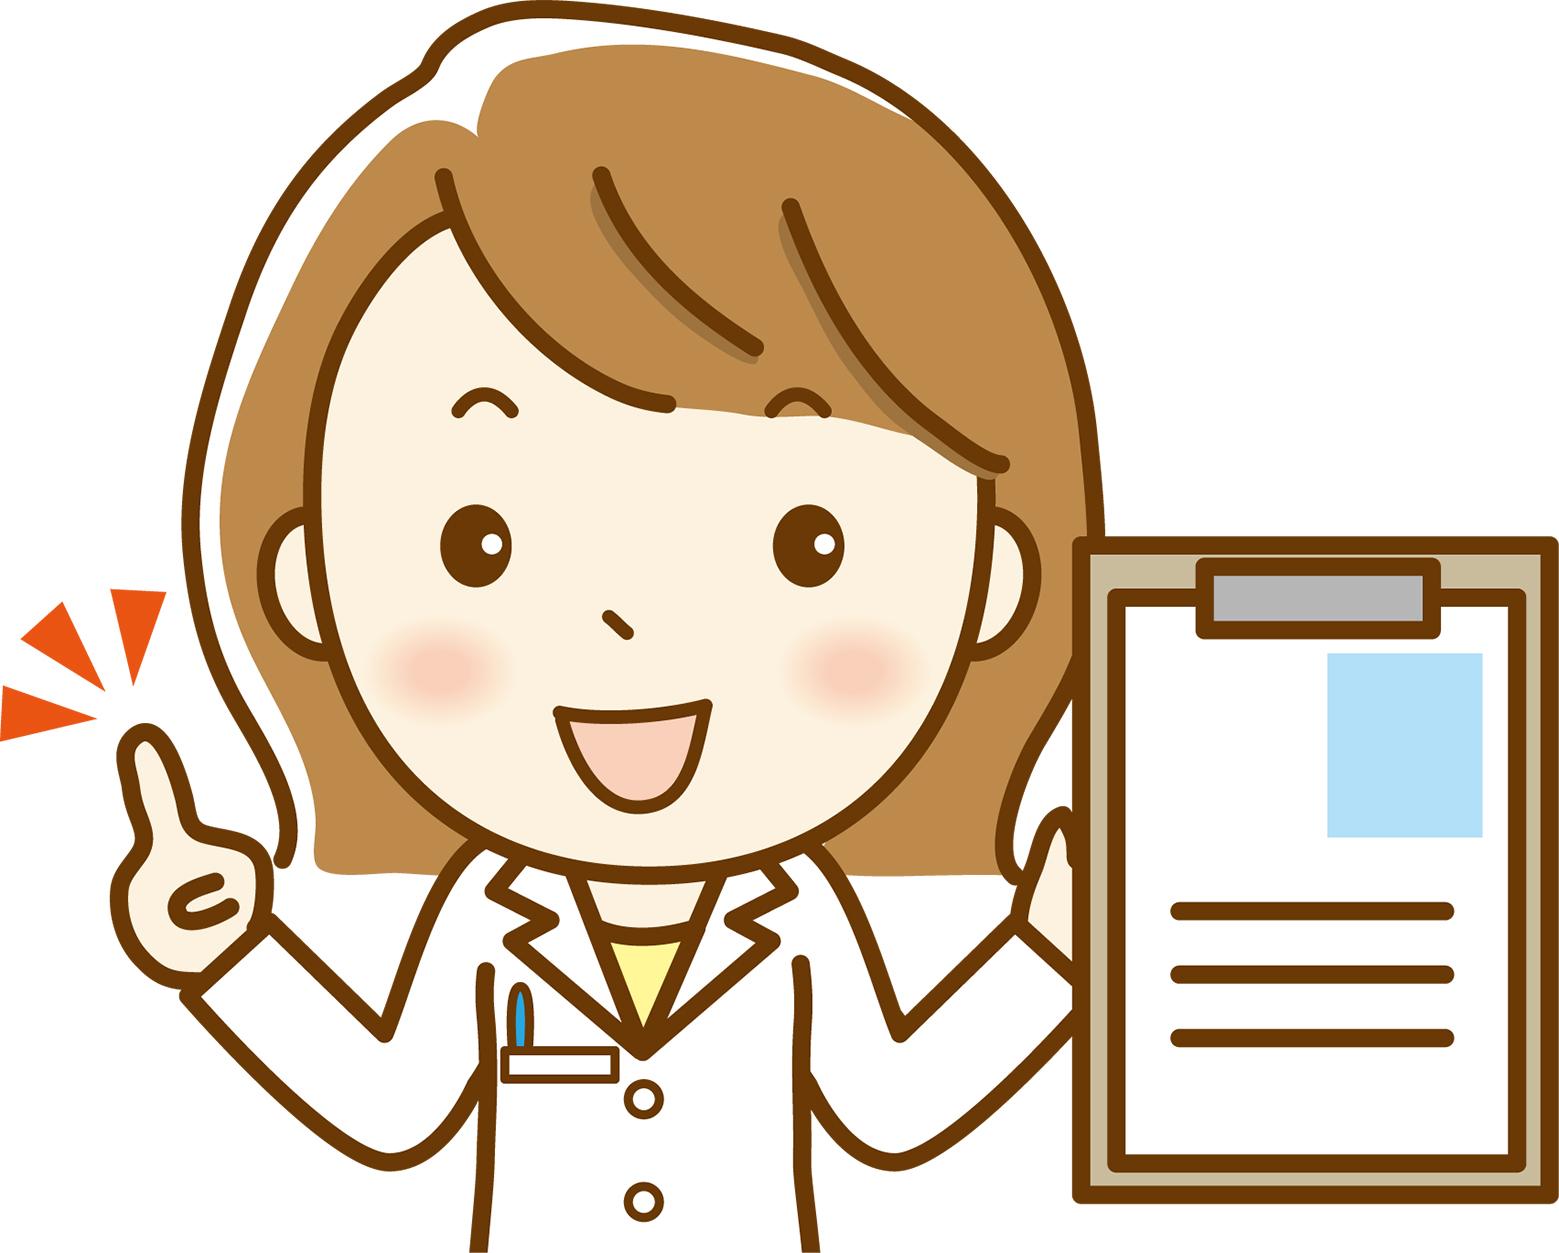 生命保険の加入時に必要な健康診断について